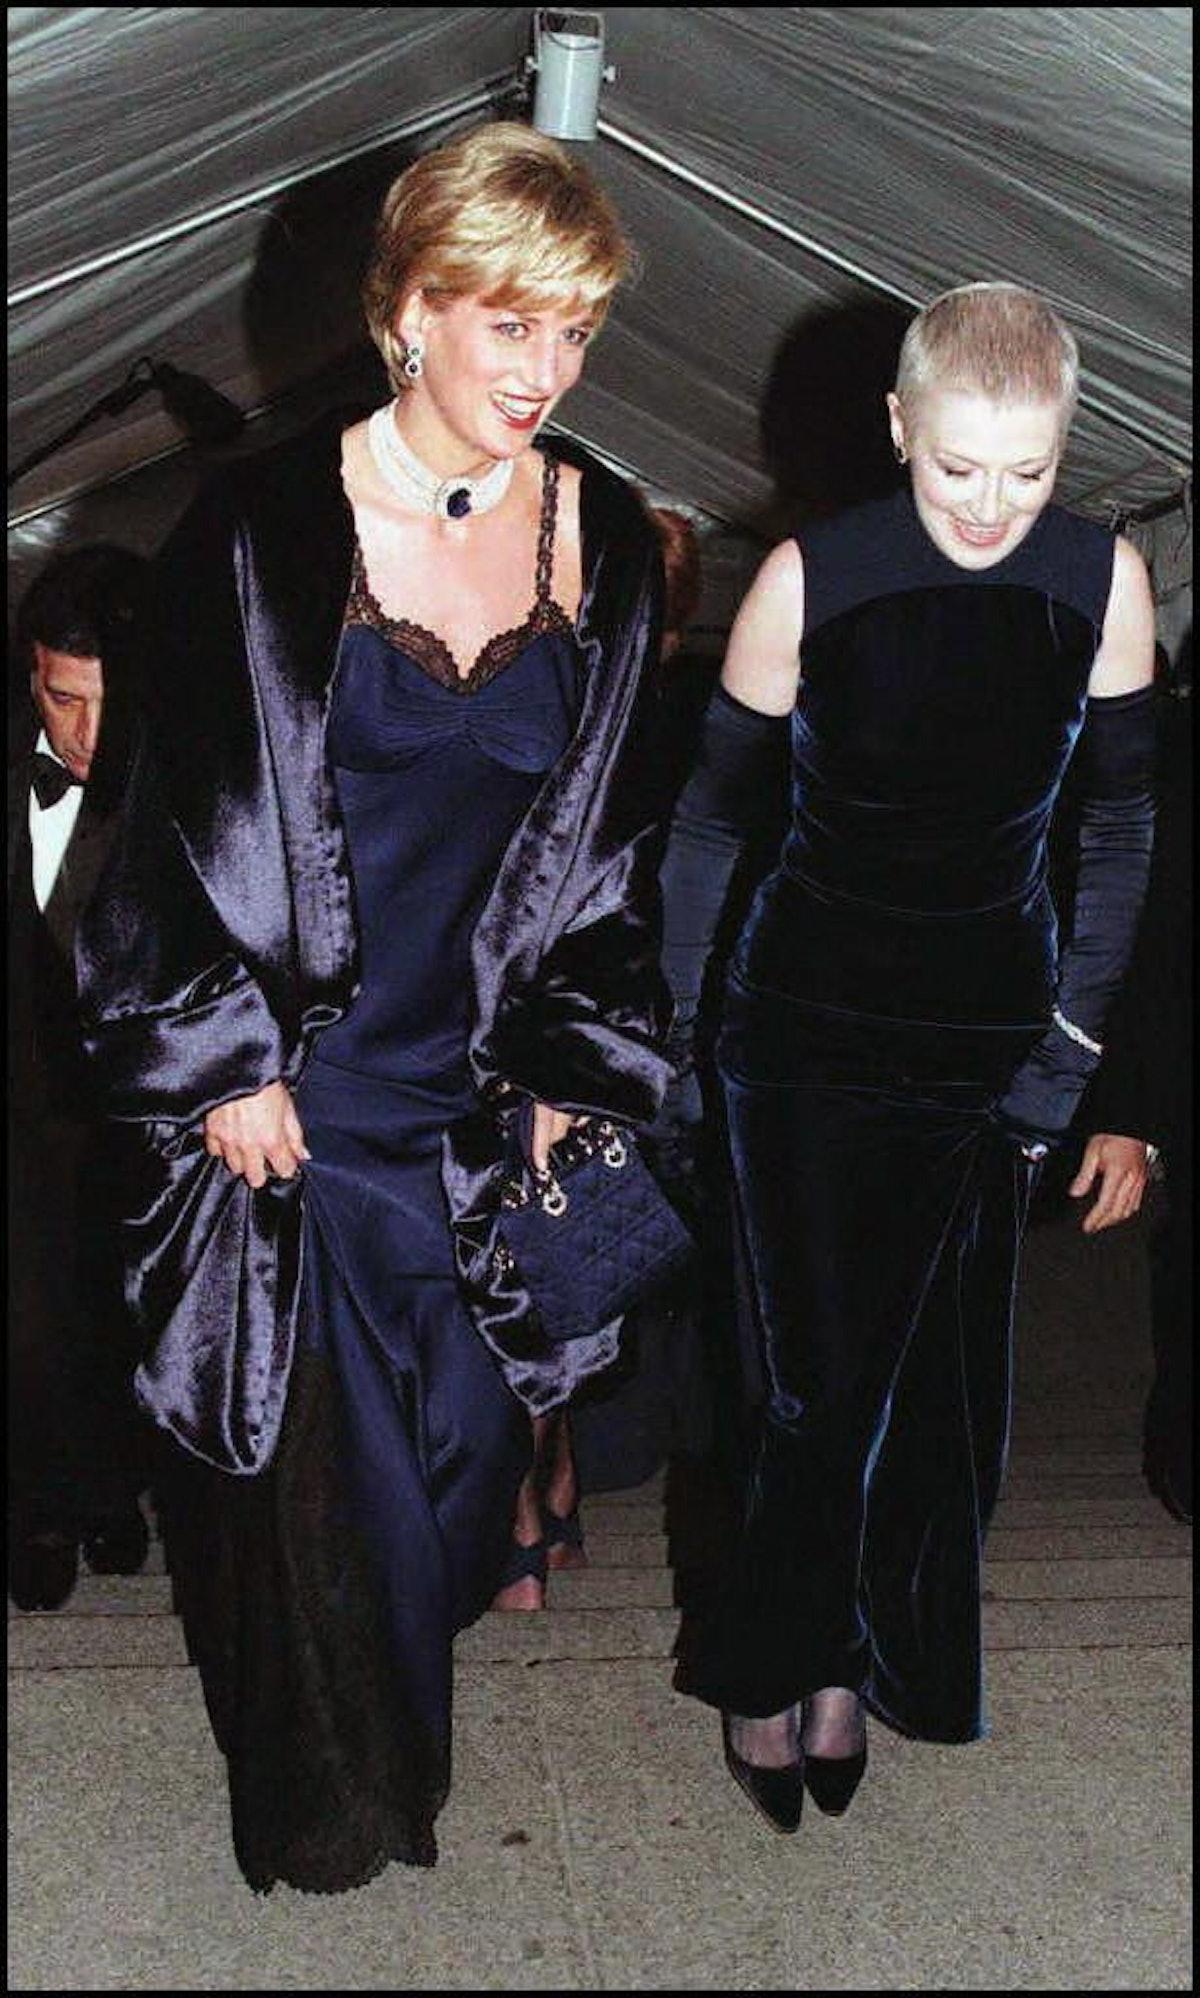 نیویورک ، ایالات متحده: دیانا پرنسس ولز (سمت چپ) به همراه دوست نزدیکش ، لیز تیلبریس وارد ...